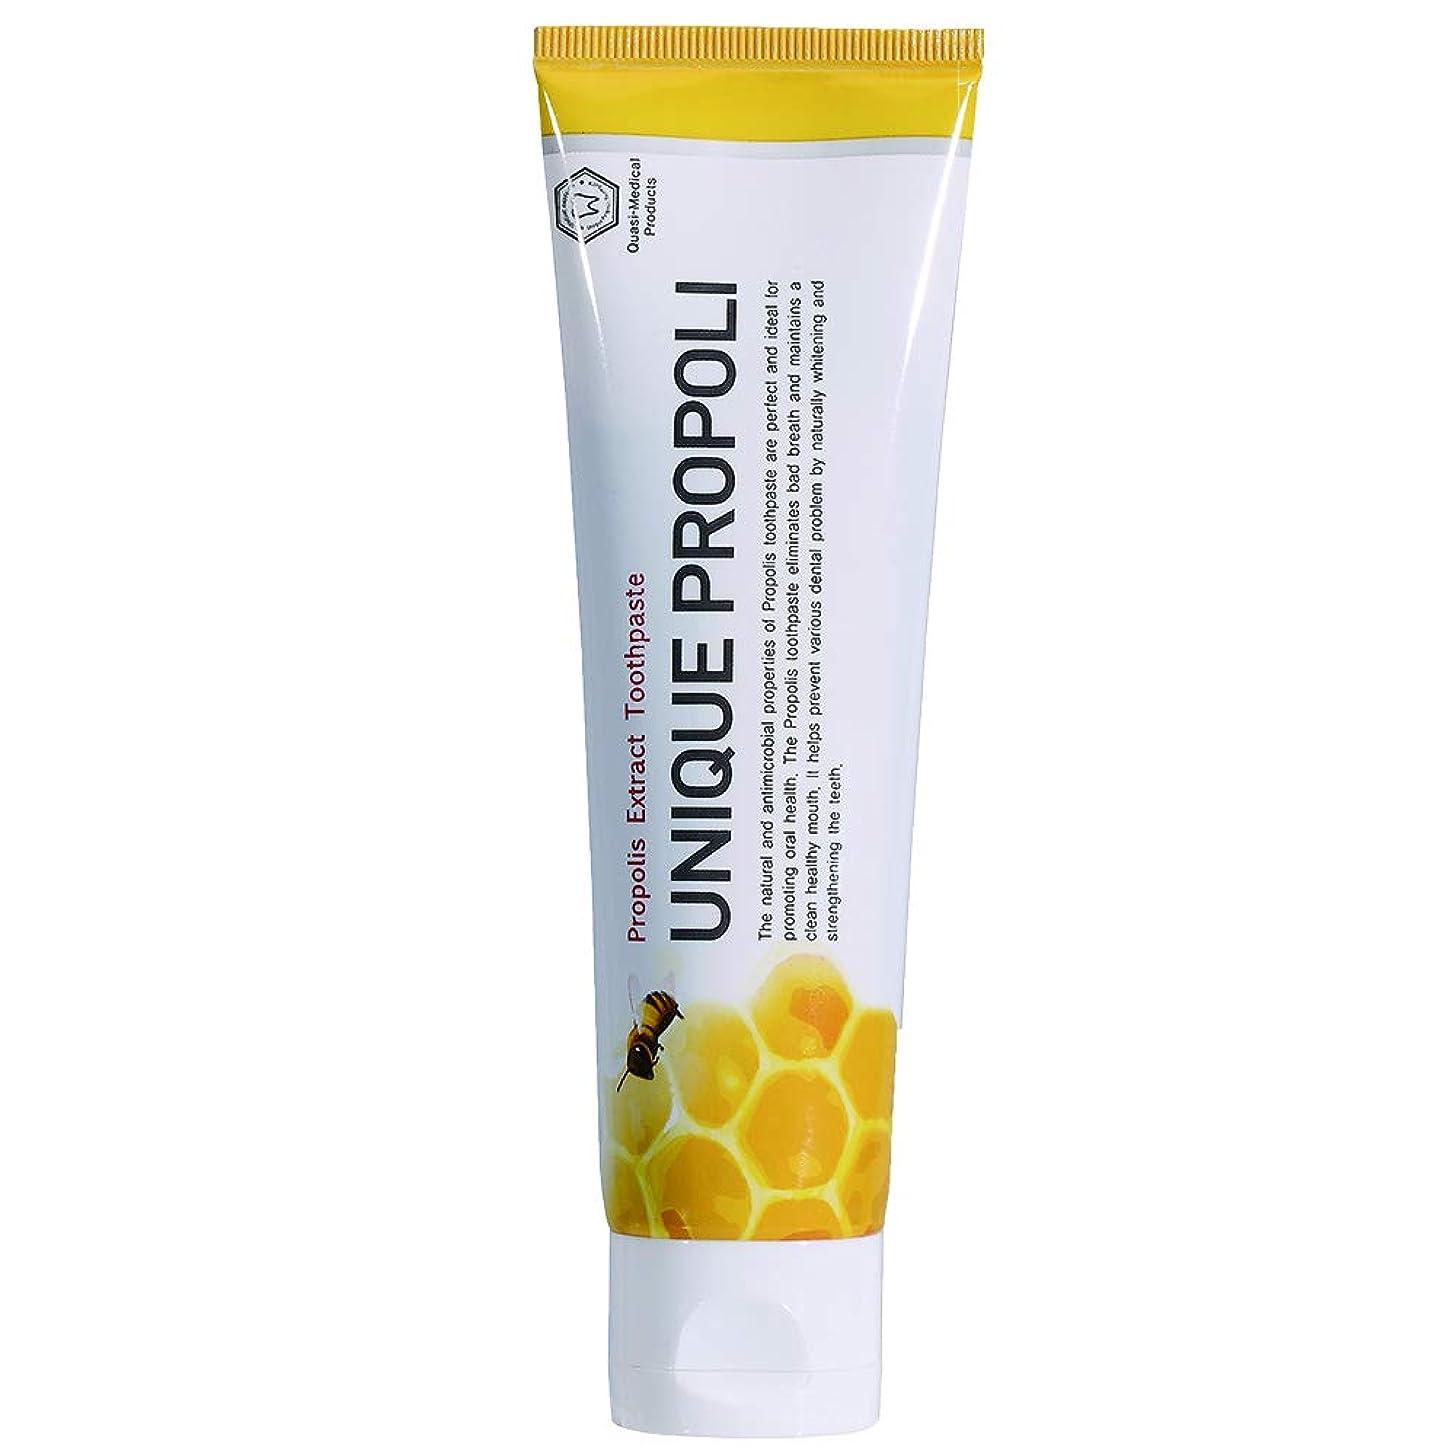 鼓舞する配管工明らかにするUNIQUE PROPOLI ユニークプロポリ歯磨き粉 120g,